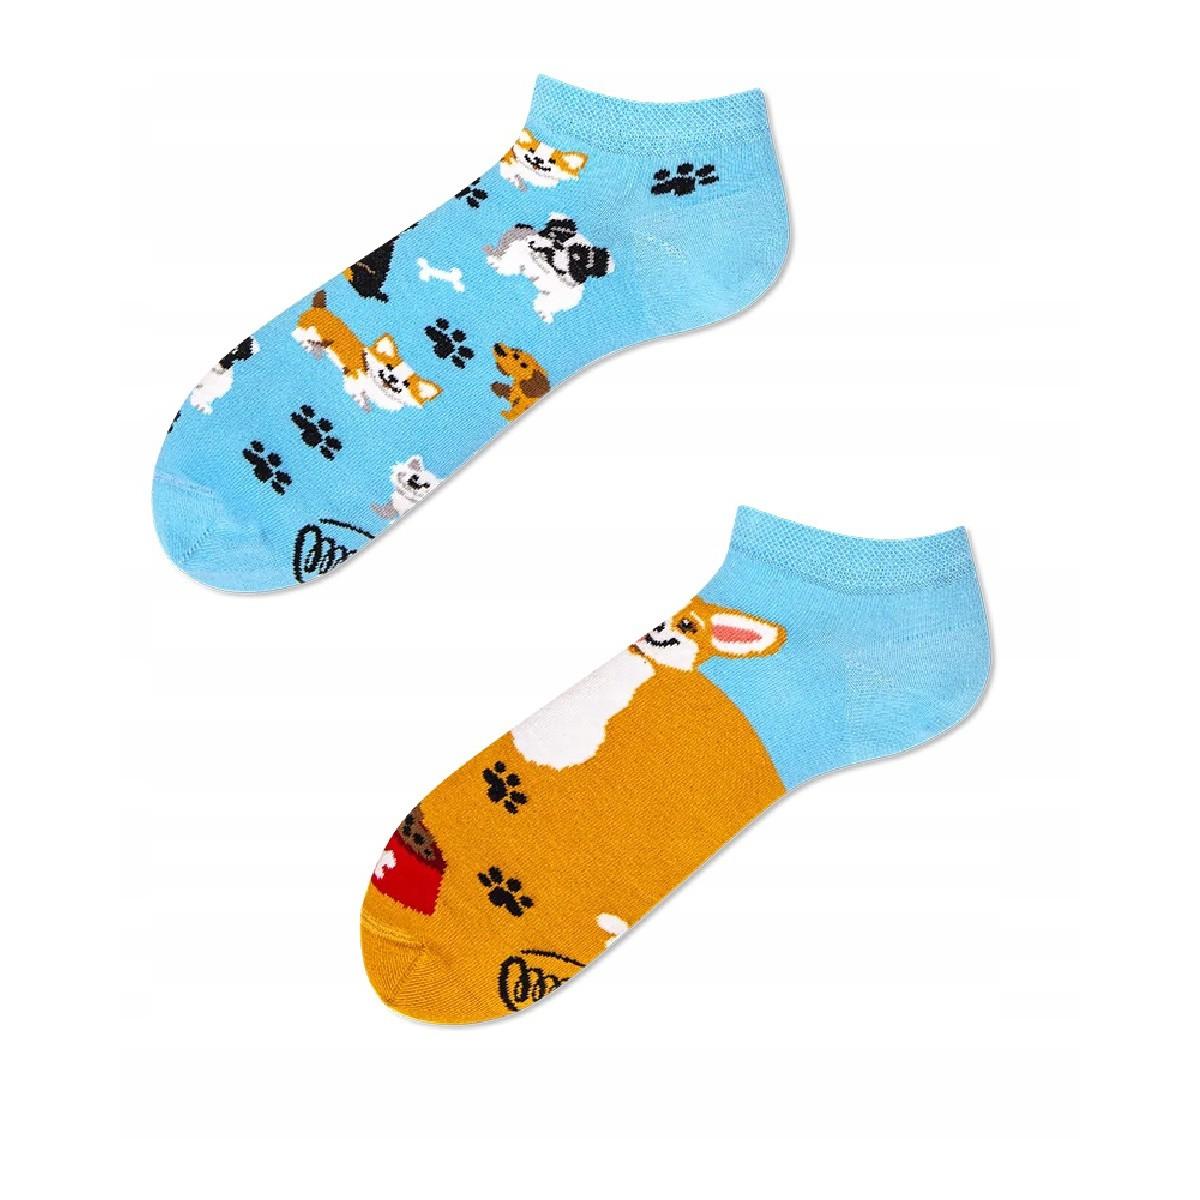 veselé ponožky PLAYFUL DOG LOW psy stopy 39-42 nízke farebné megamix.sk